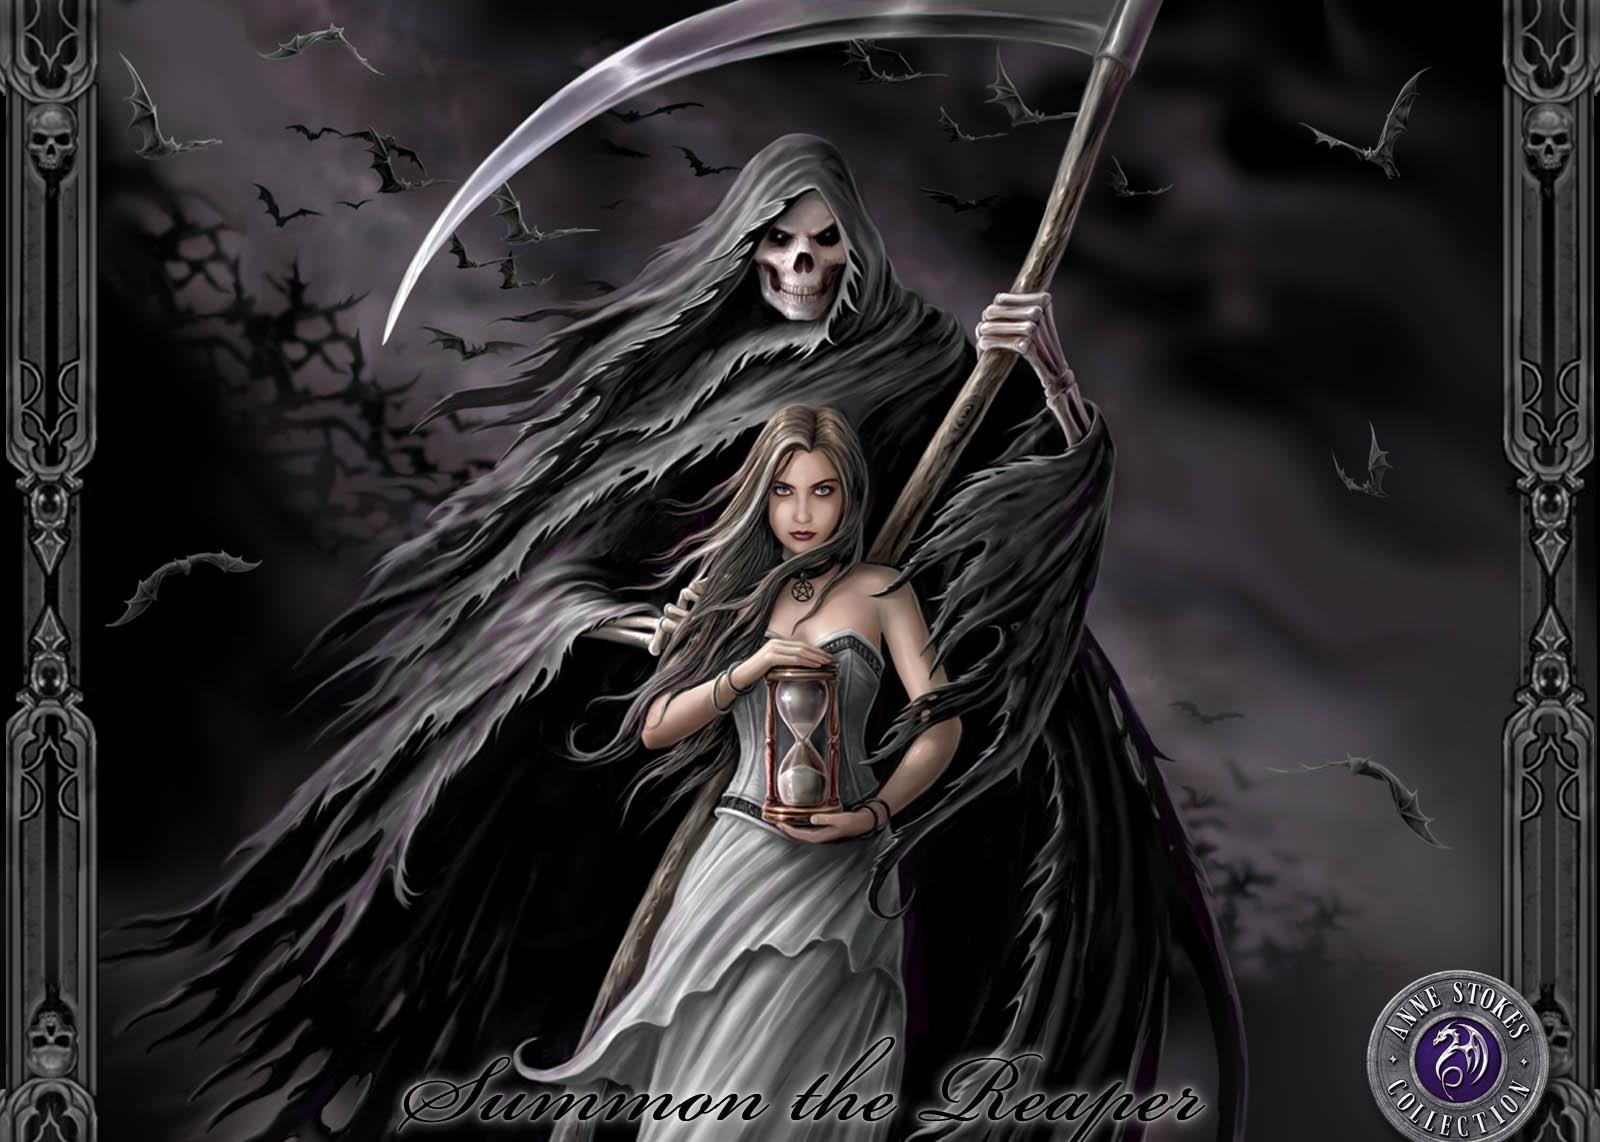 Wallpaper 1600x1142 Px Anne Dark Death Evil Gothic